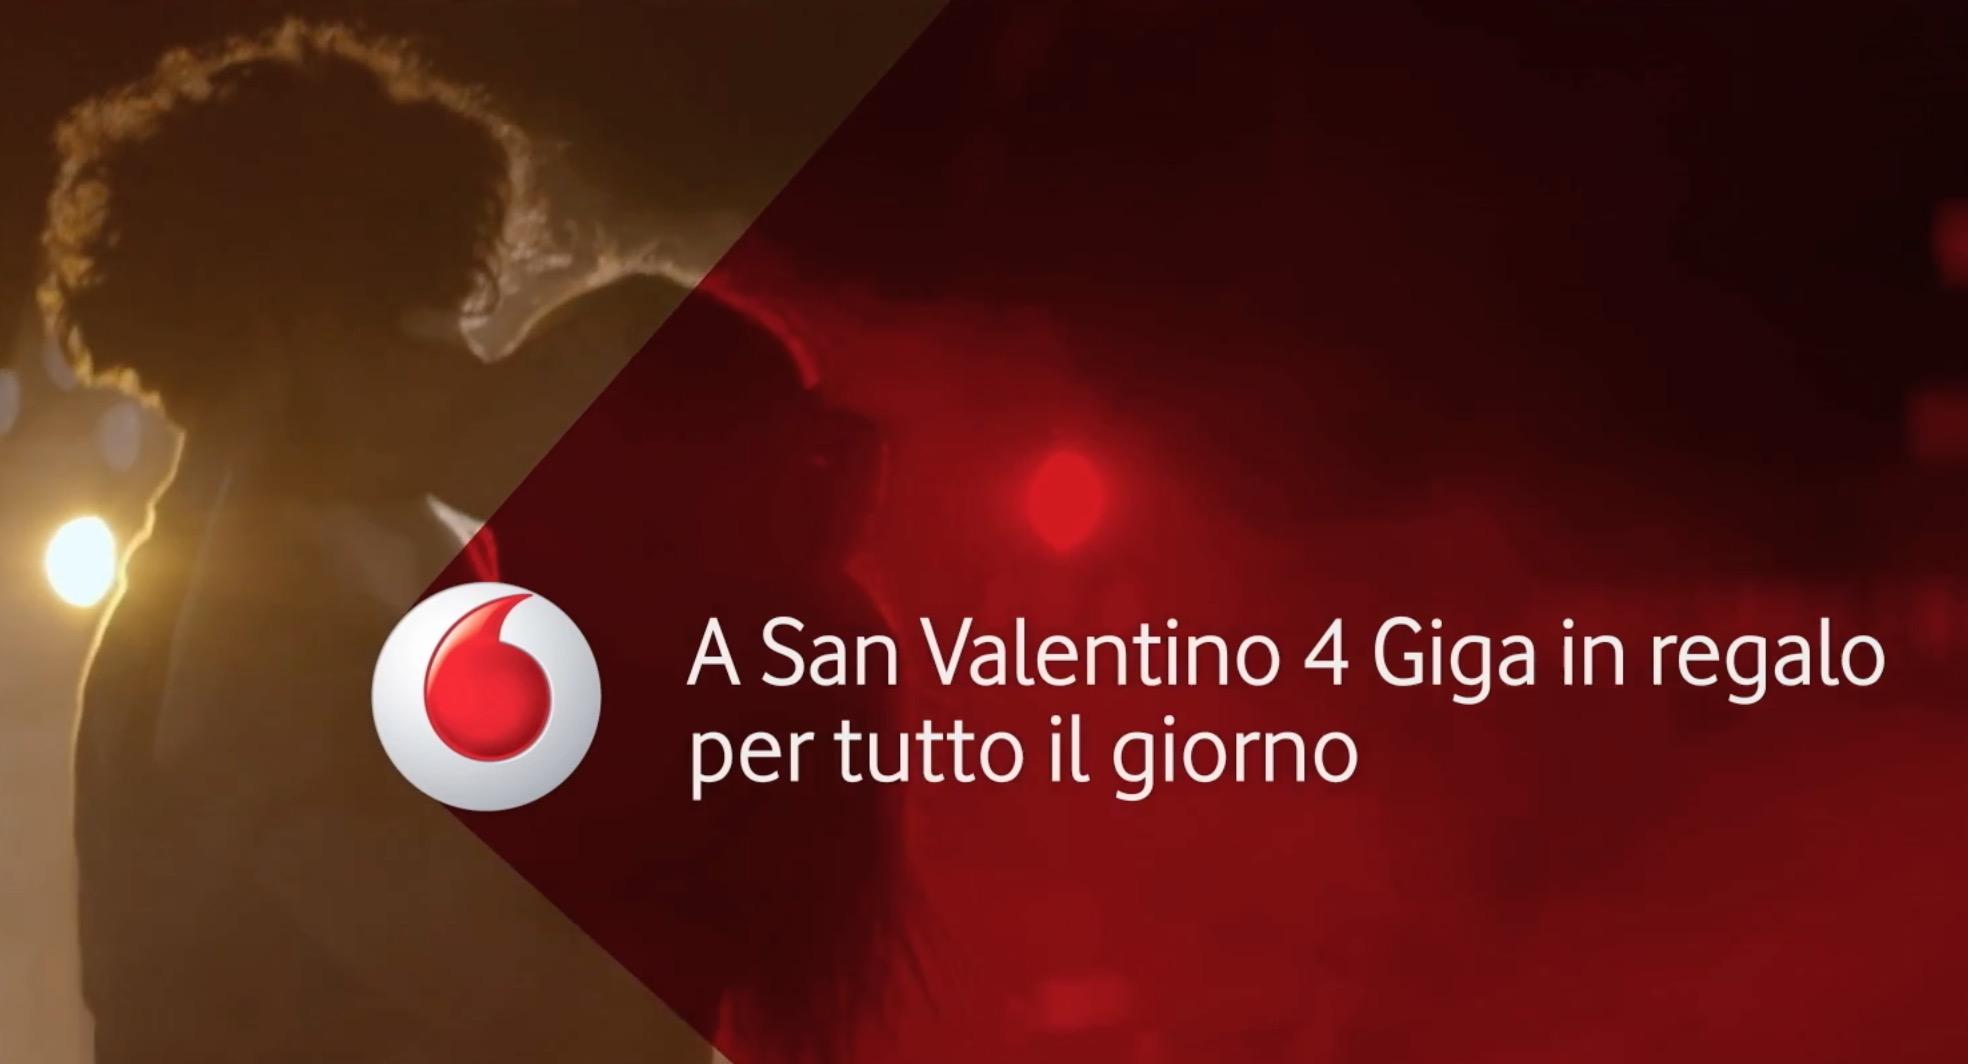 Vodafone San Valentino promozione